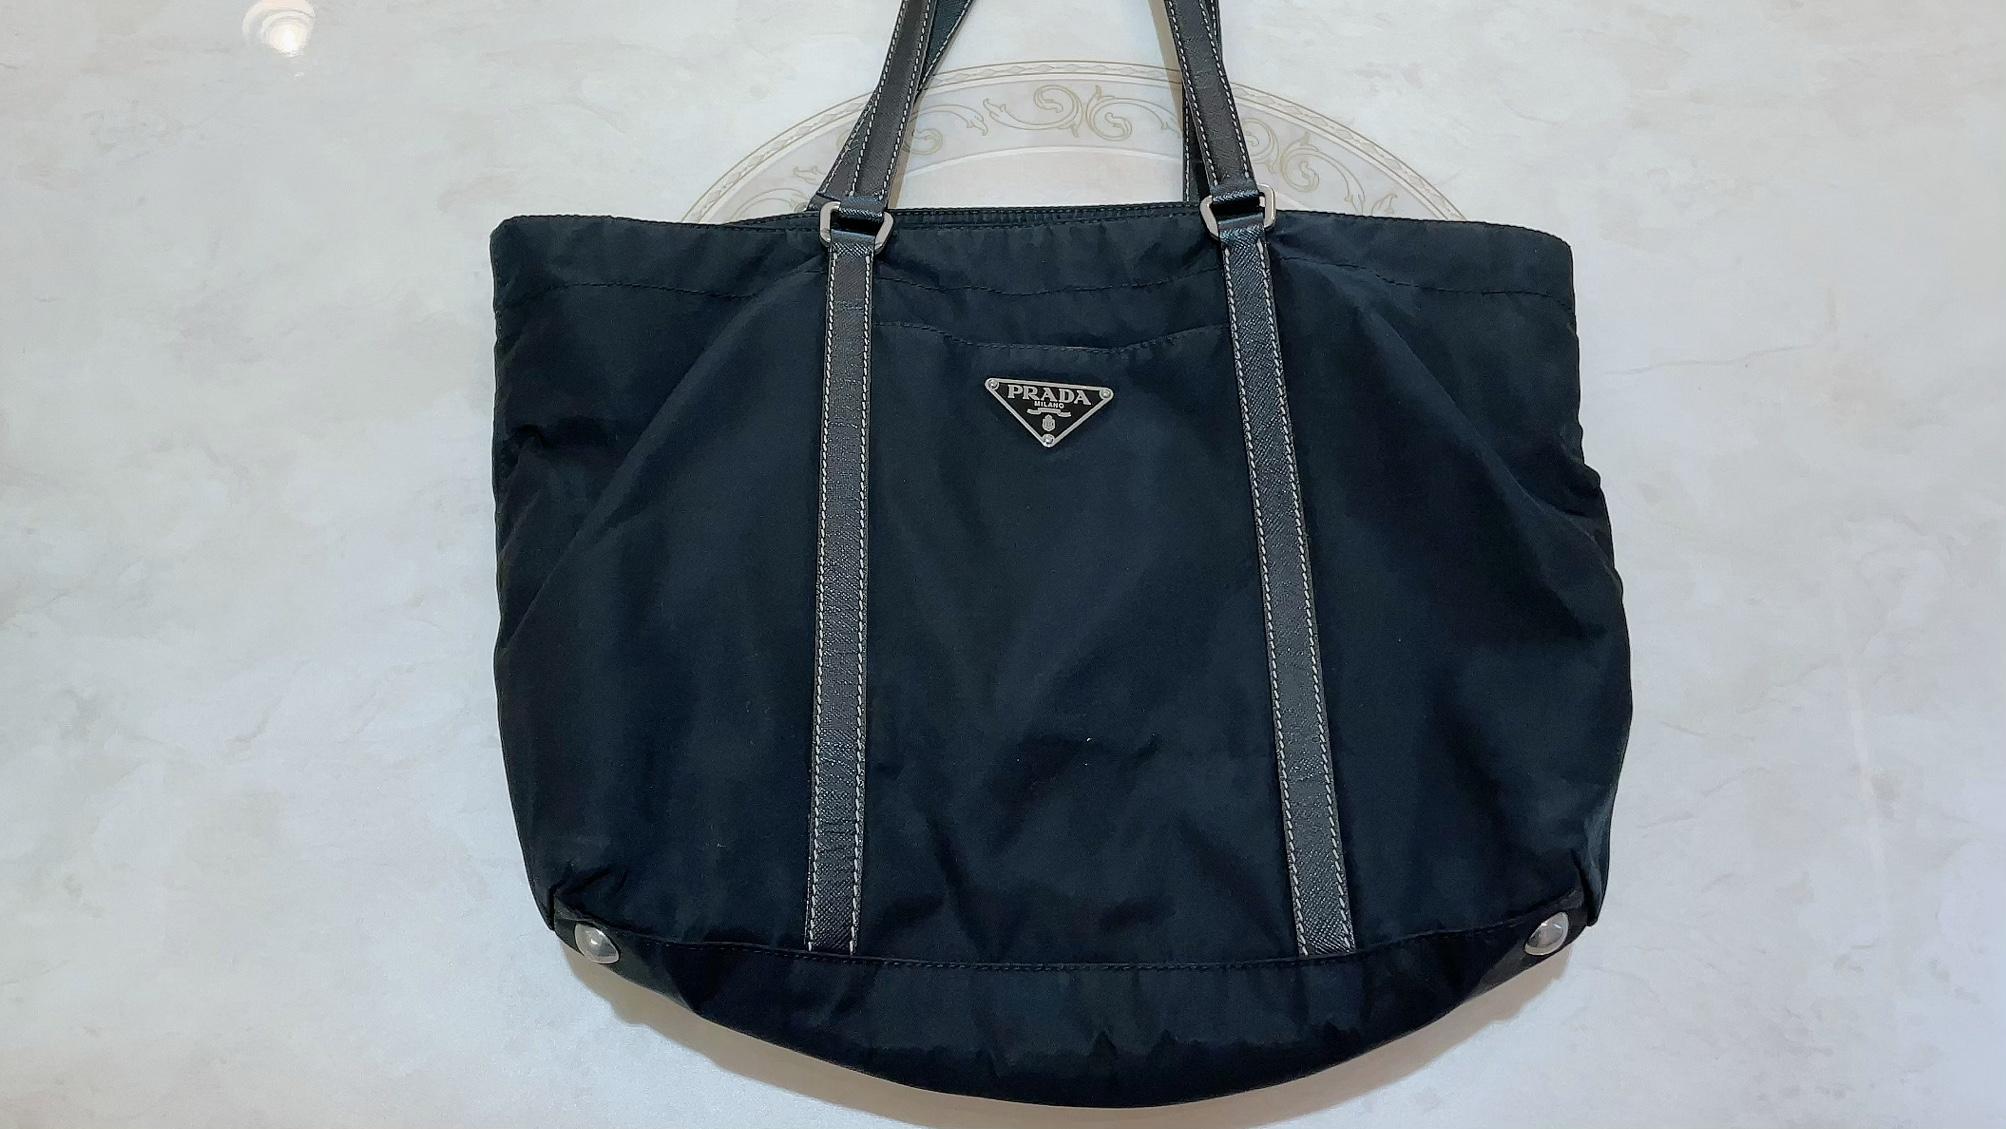 【買取速報】ブランドバッグ、PRADA-2021-05-22